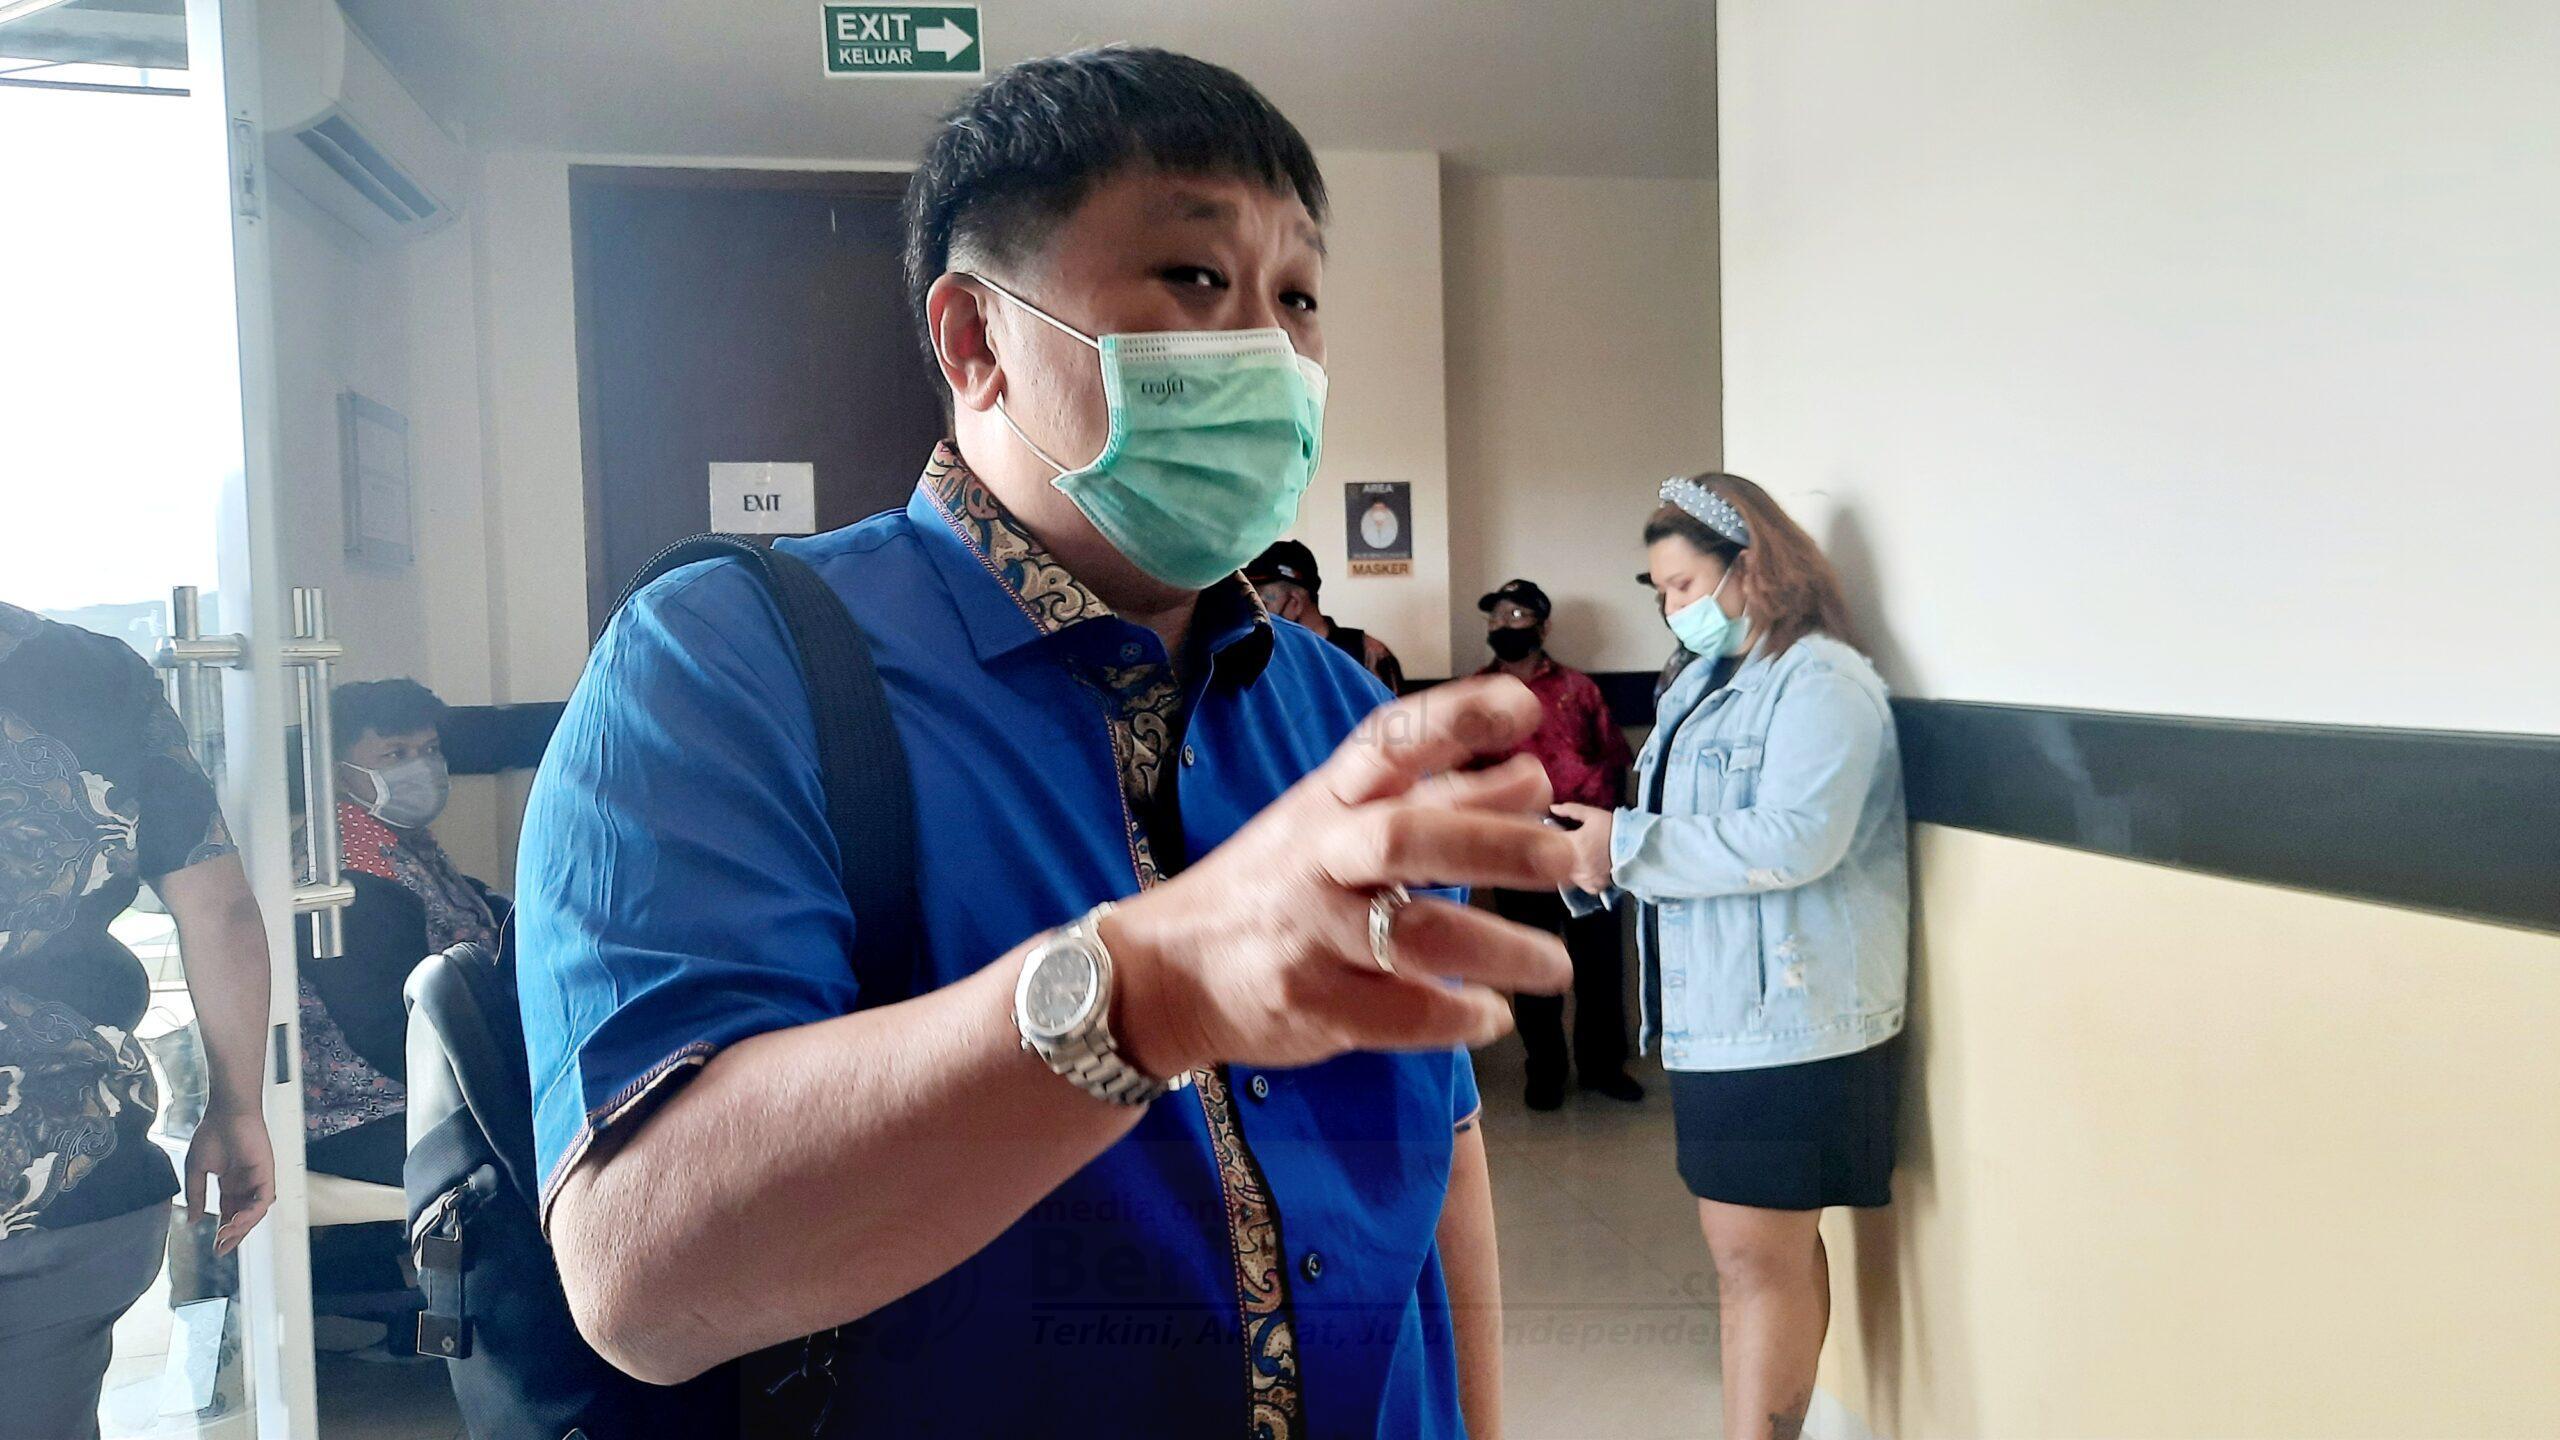 Hilangnya Progres Vaksin Merah Putih, Rico Sia: Jangan Sampai Nasionalis Terkikis 1 20201222 125908 scaled